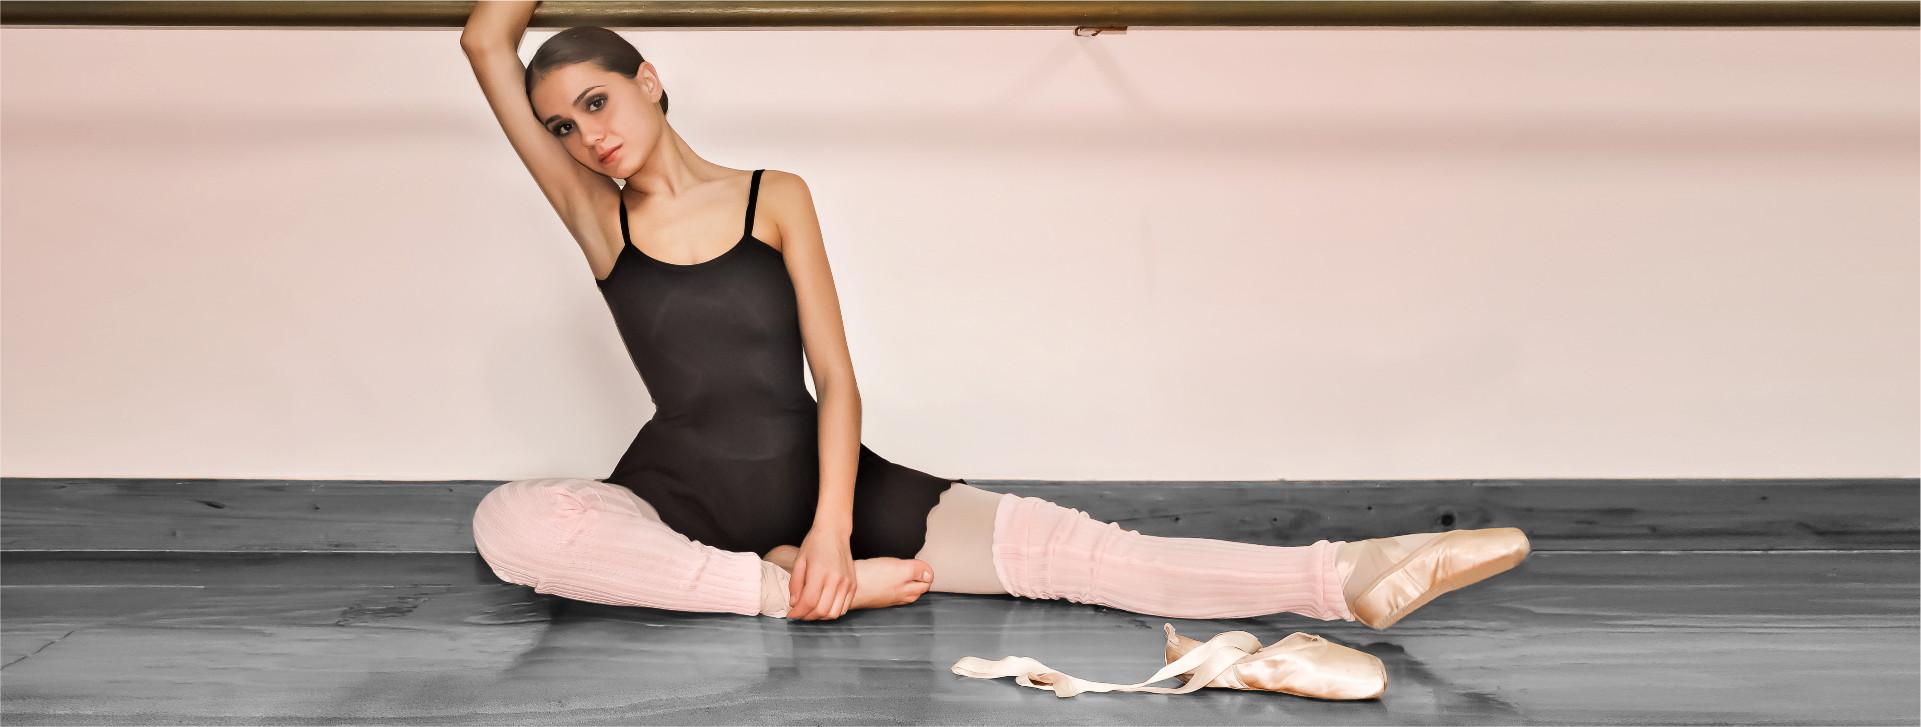 Nuova collezione abbigliamento danza donna